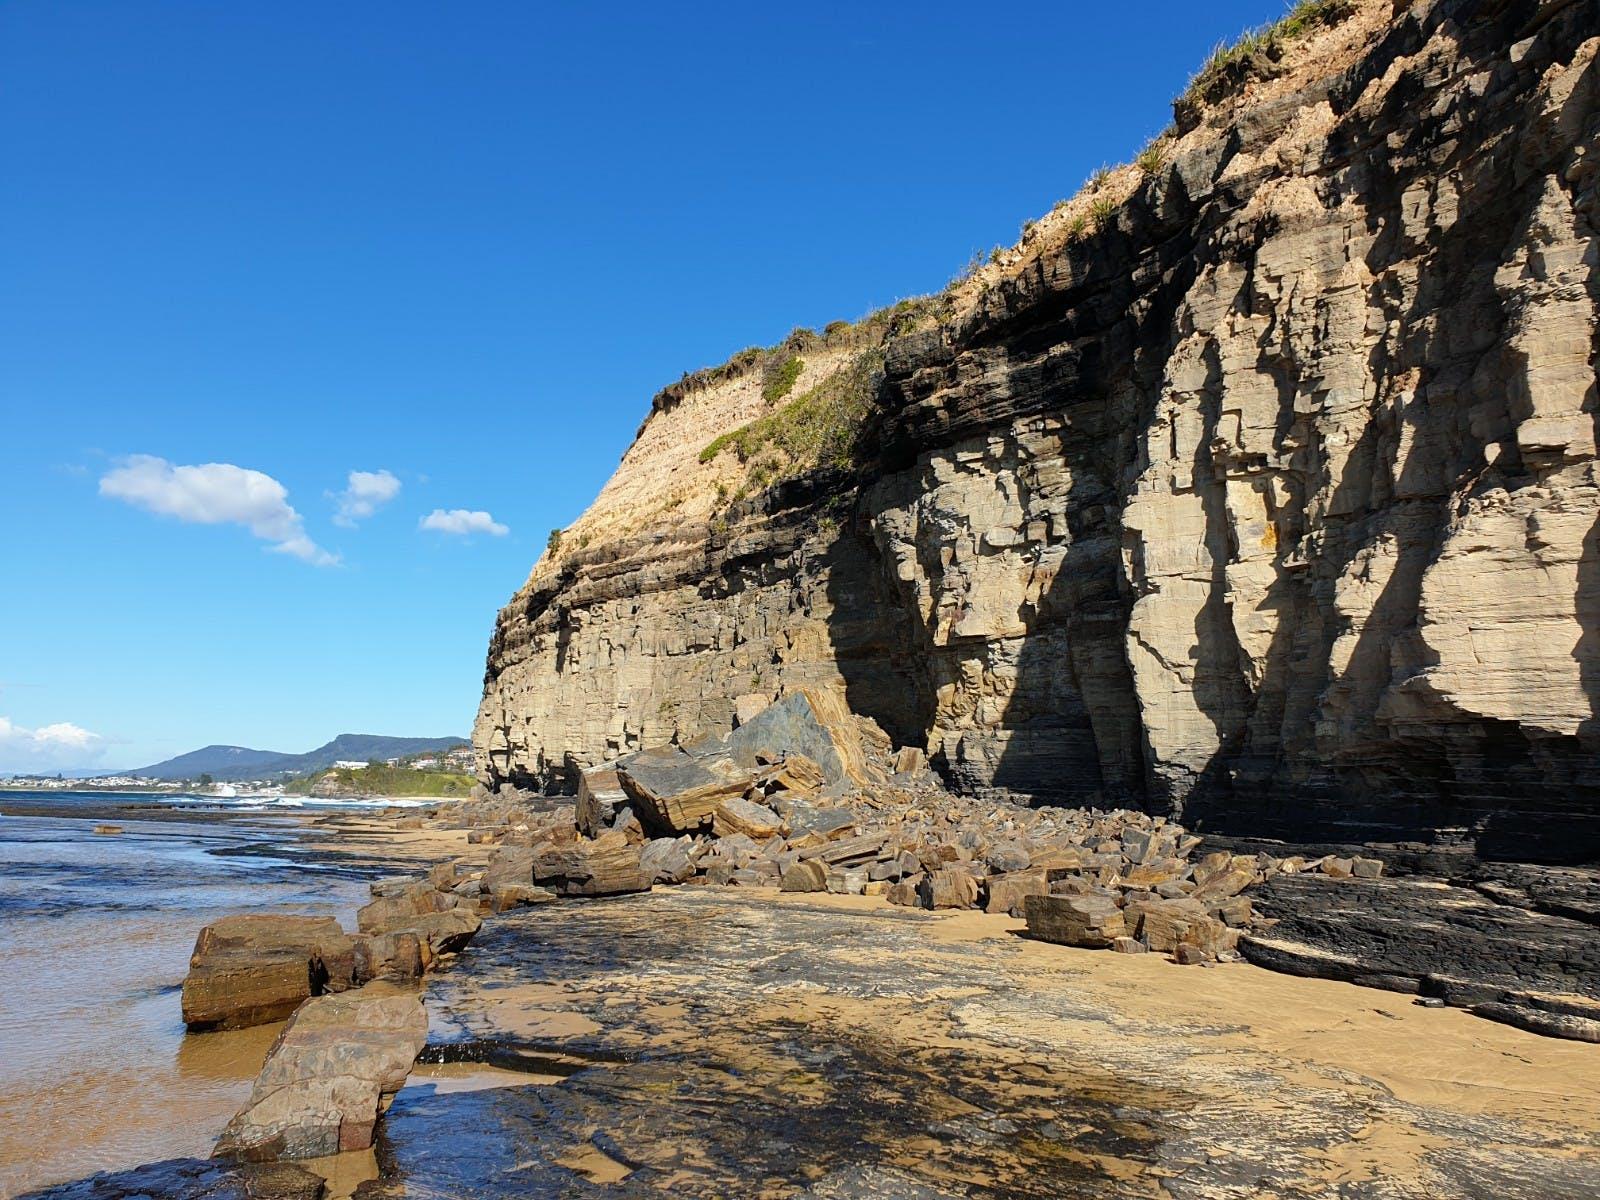 Cliff at Brickyard Point